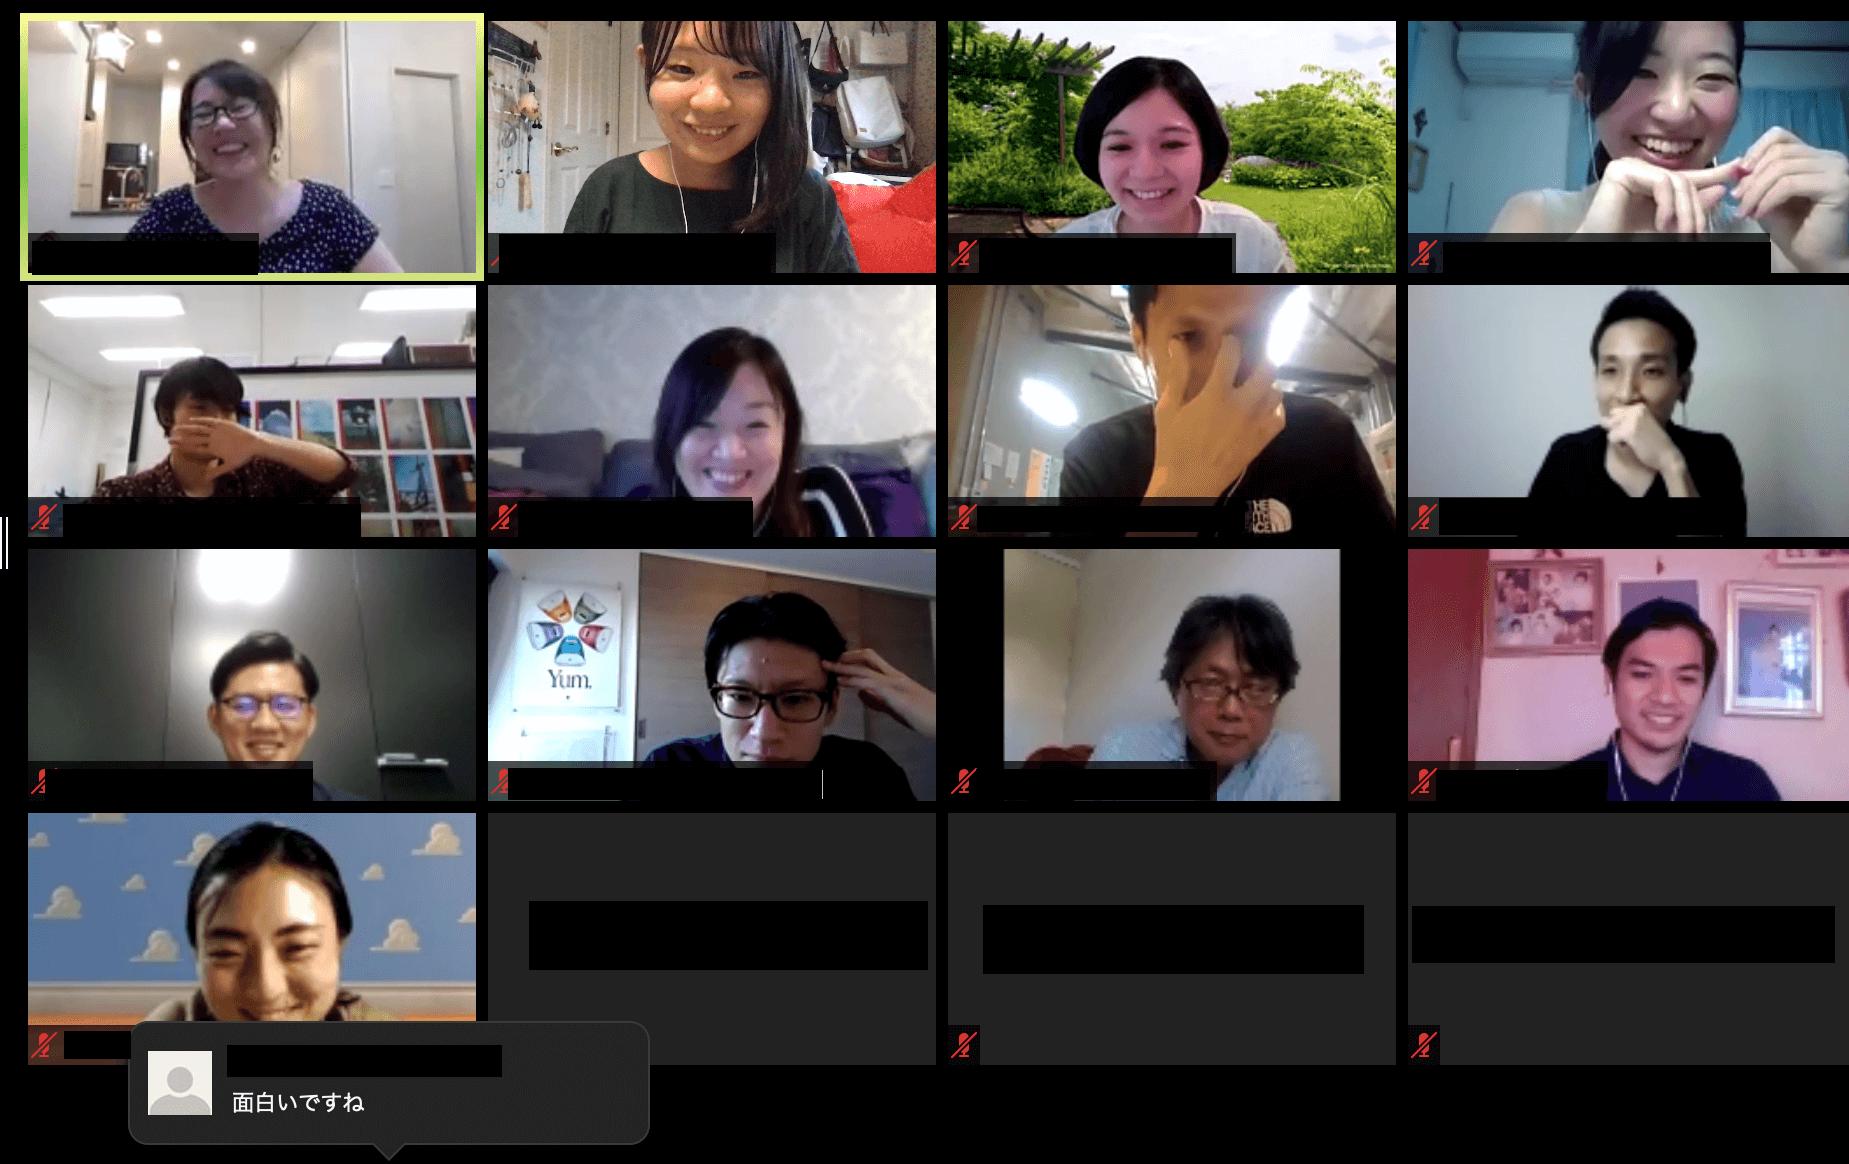 企業人が生徒の取り組む課題を体験!「ミッション体験会」を開催しました。